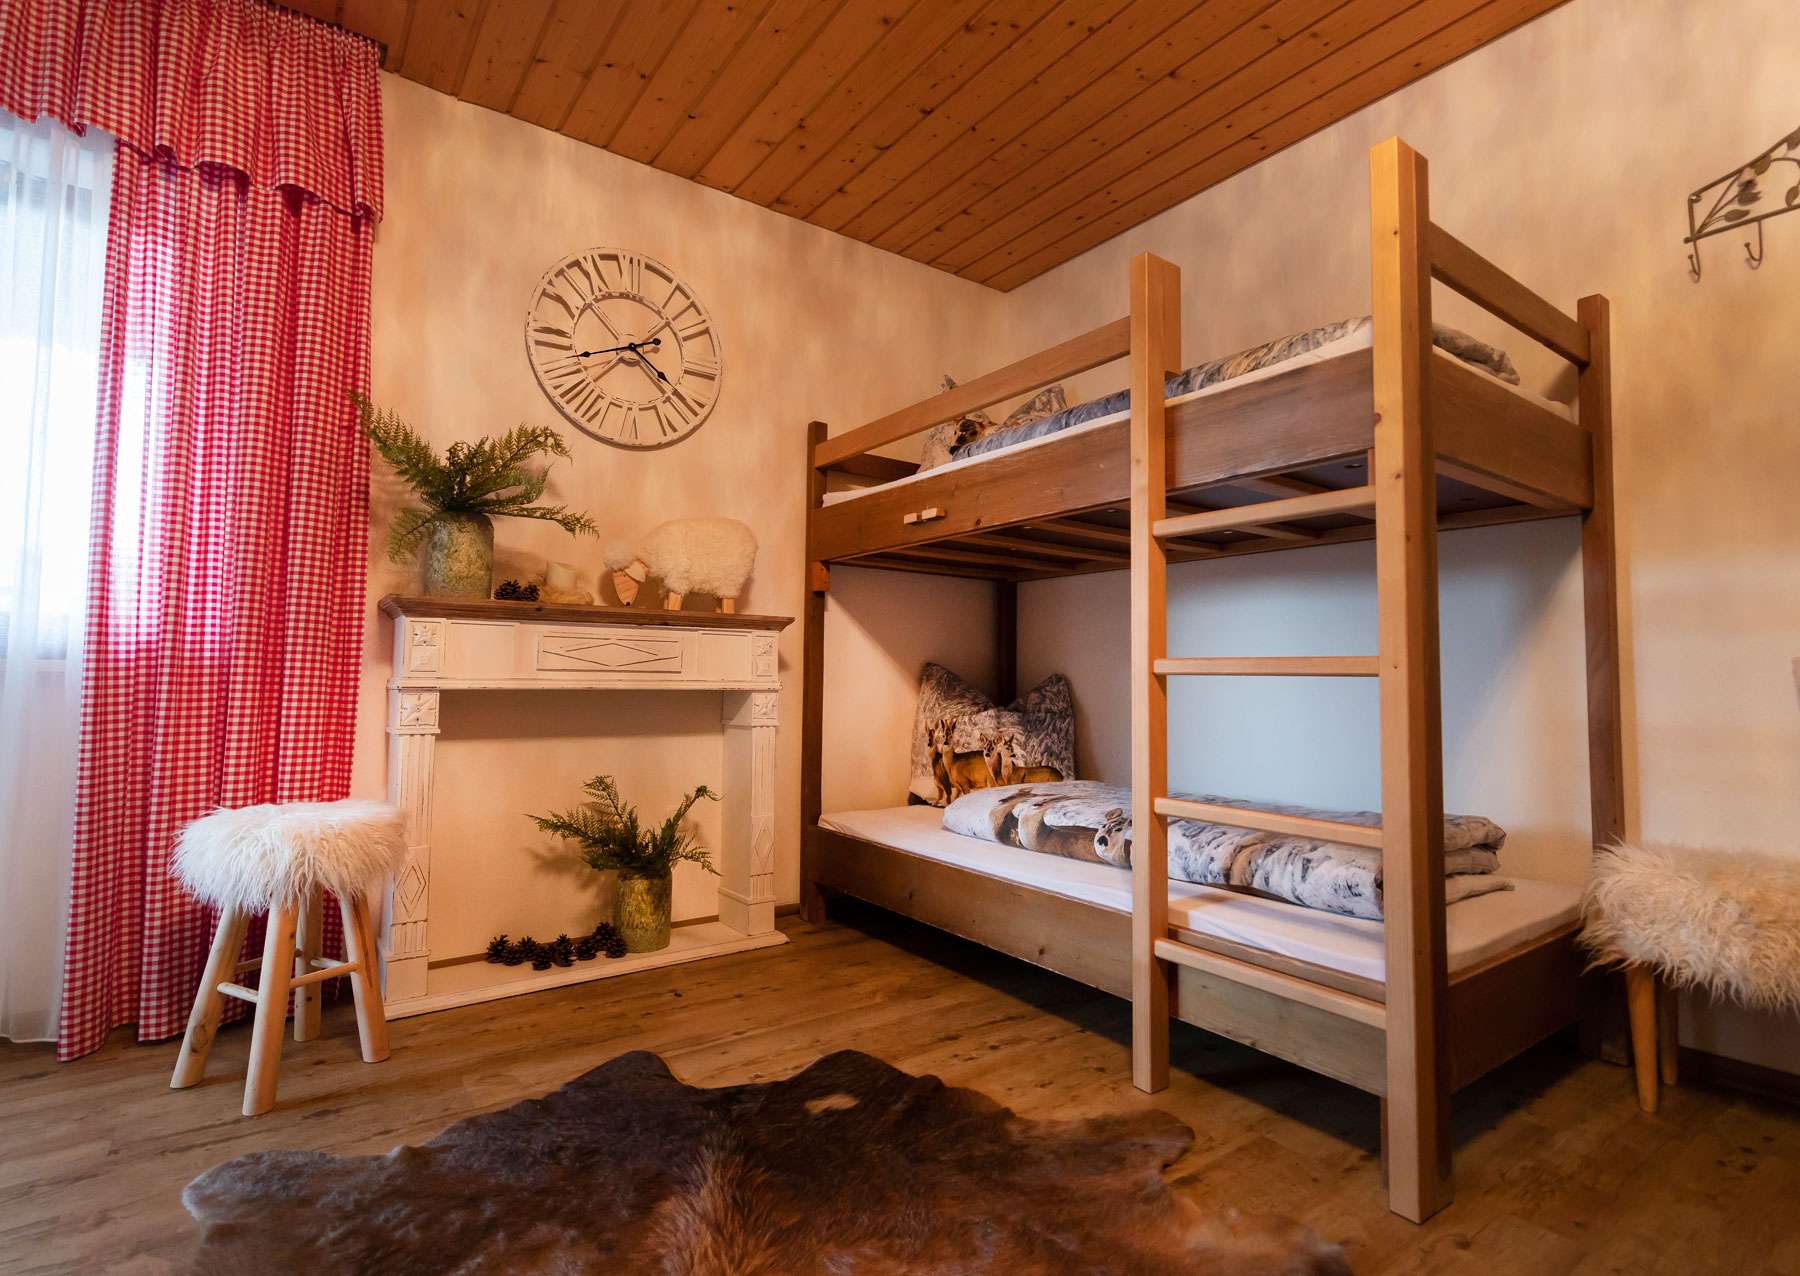 Gemütliche Zimmer im Ferienhaus Berghof in Vorarlberg